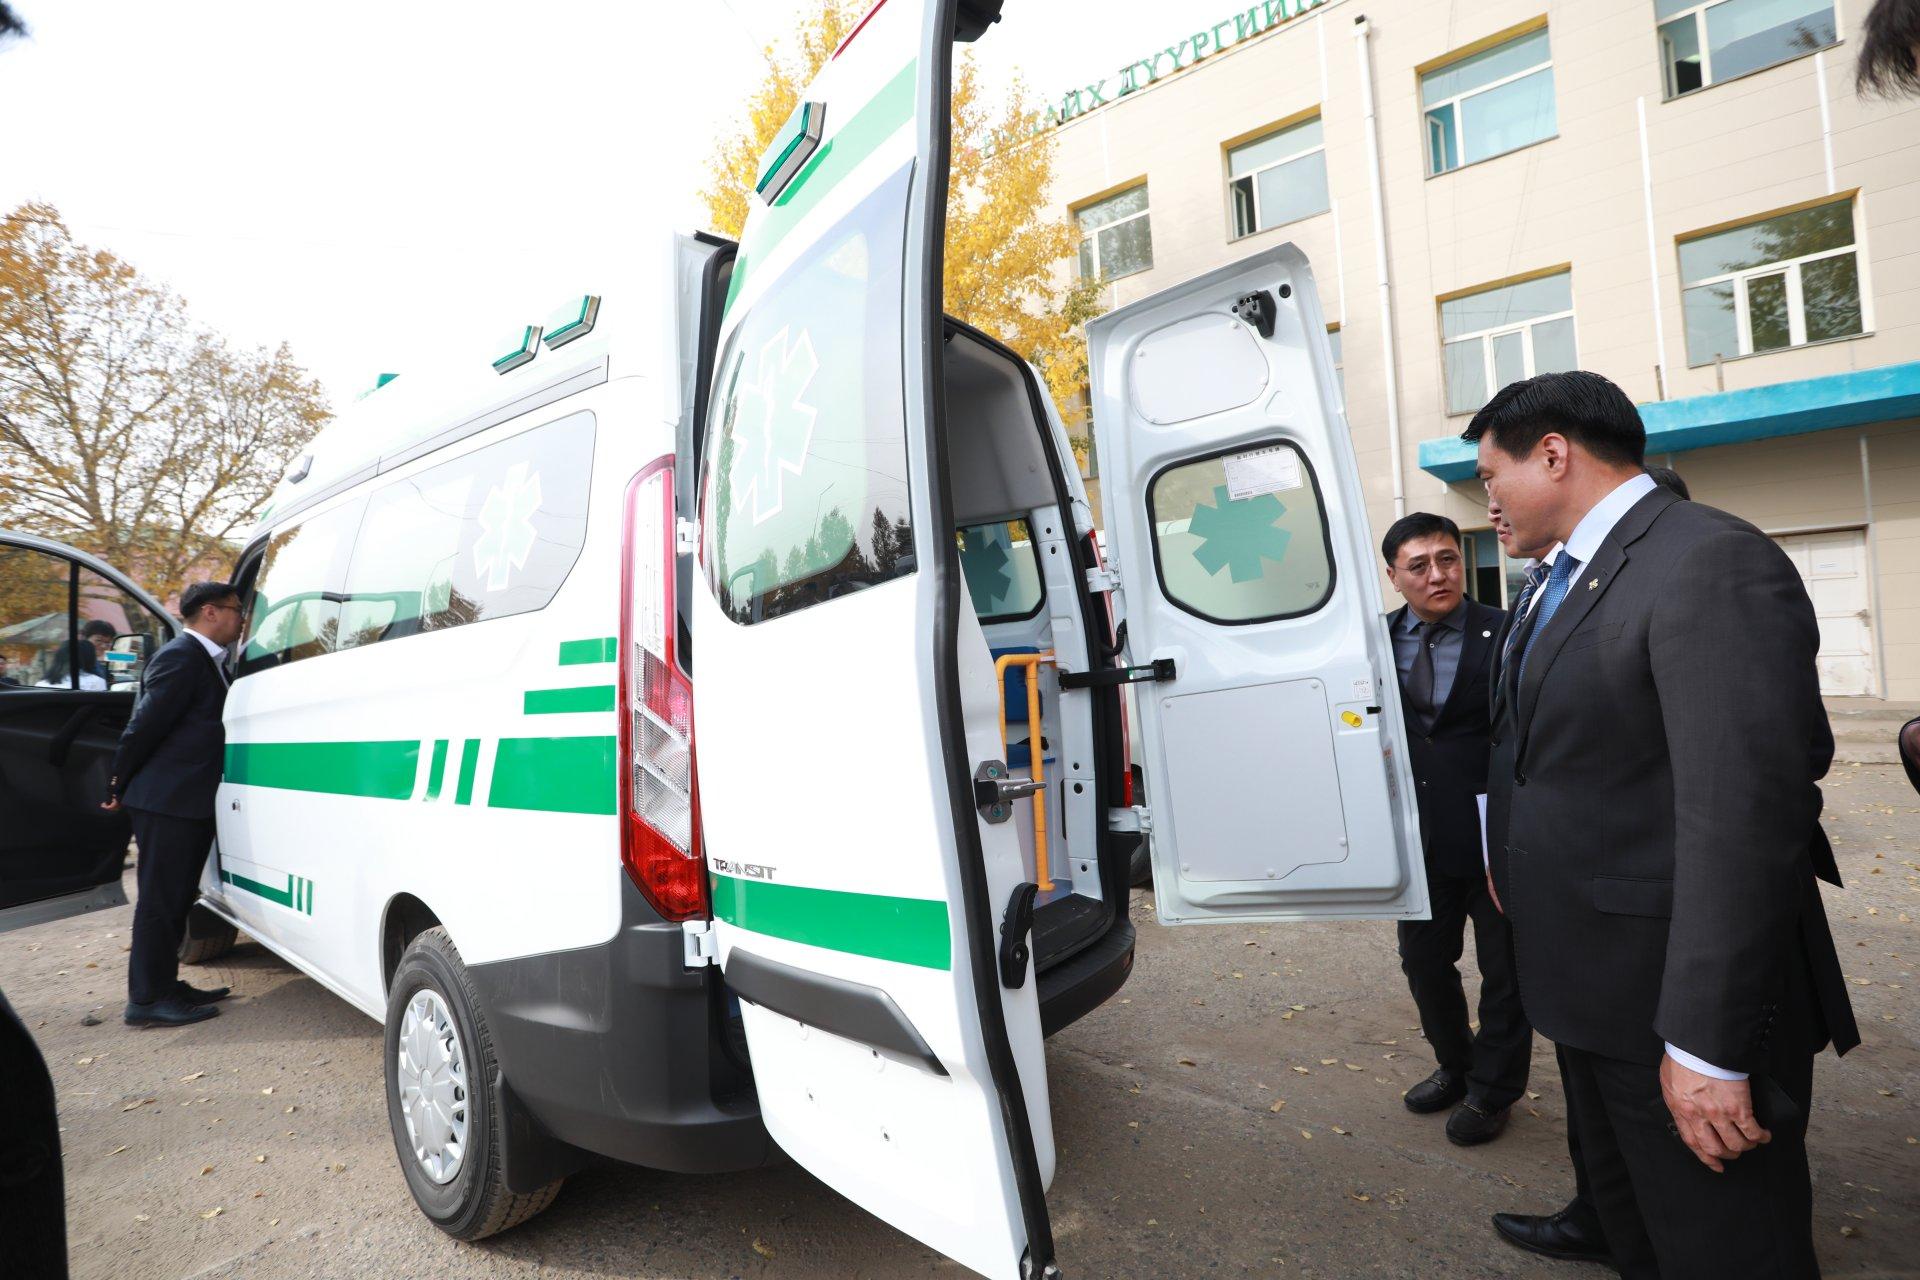 Налайх дүүргийн Эрүүл мэндийн төвд түргэн тусламжийн автомашин гардуулж өглөө